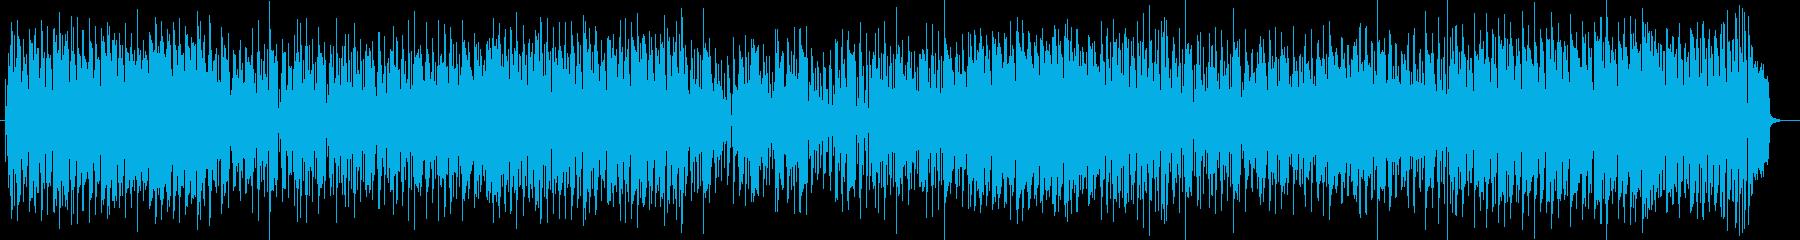 軽快なシンセポップスの再生済みの波形